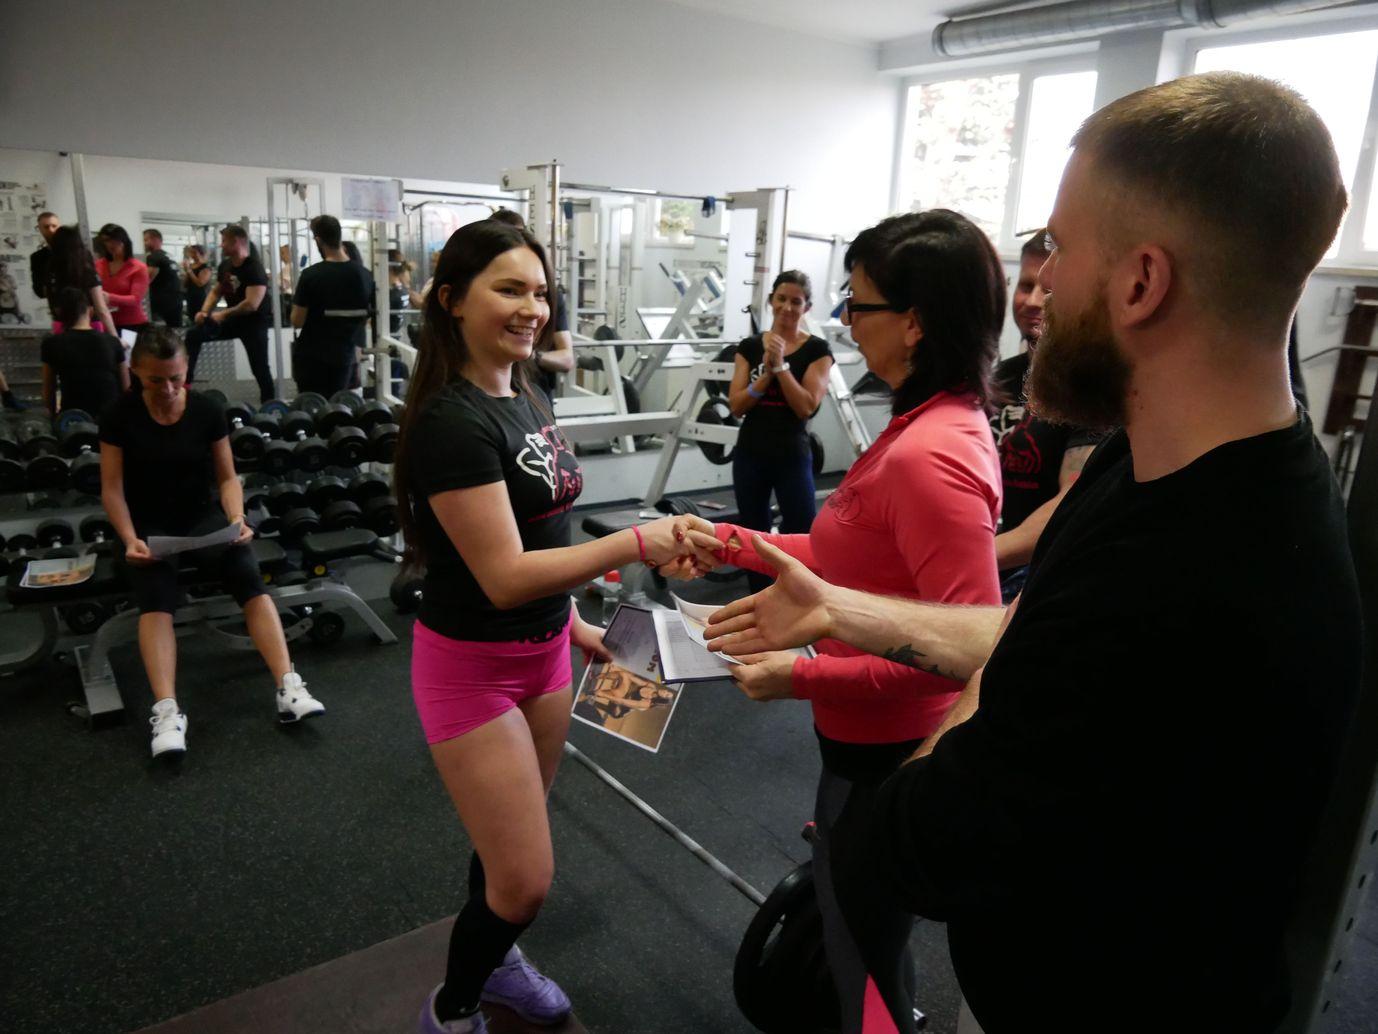 Zawody Martwy Ciąg Pleszew Fitness Klub Active Fit ul. Traugutta 30 siłownia trening personalny 30